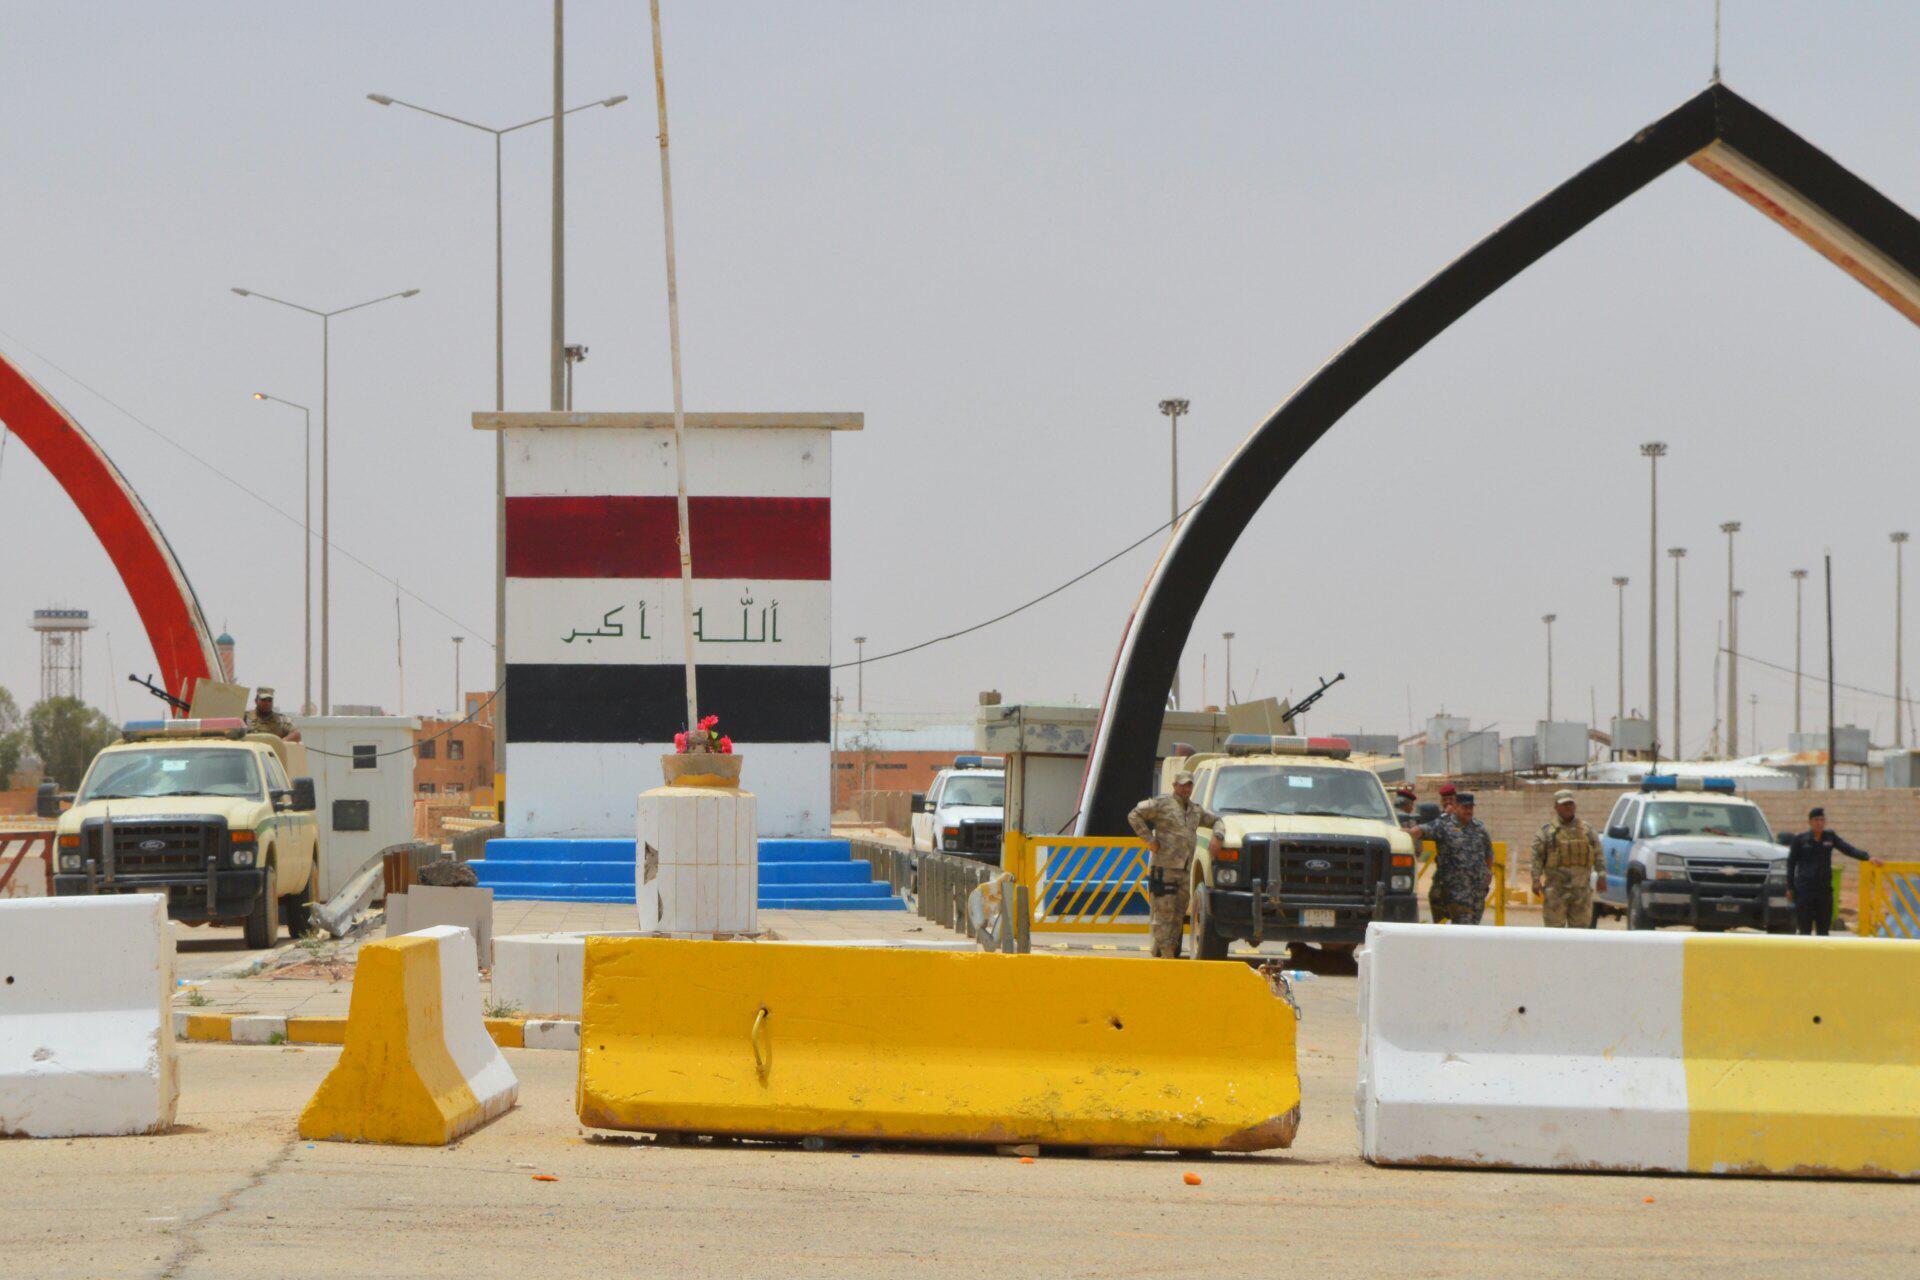 قائممقام الرطبة يعلن تحرير ناحية ومنفذ الوليد الحدودي مع سوريا